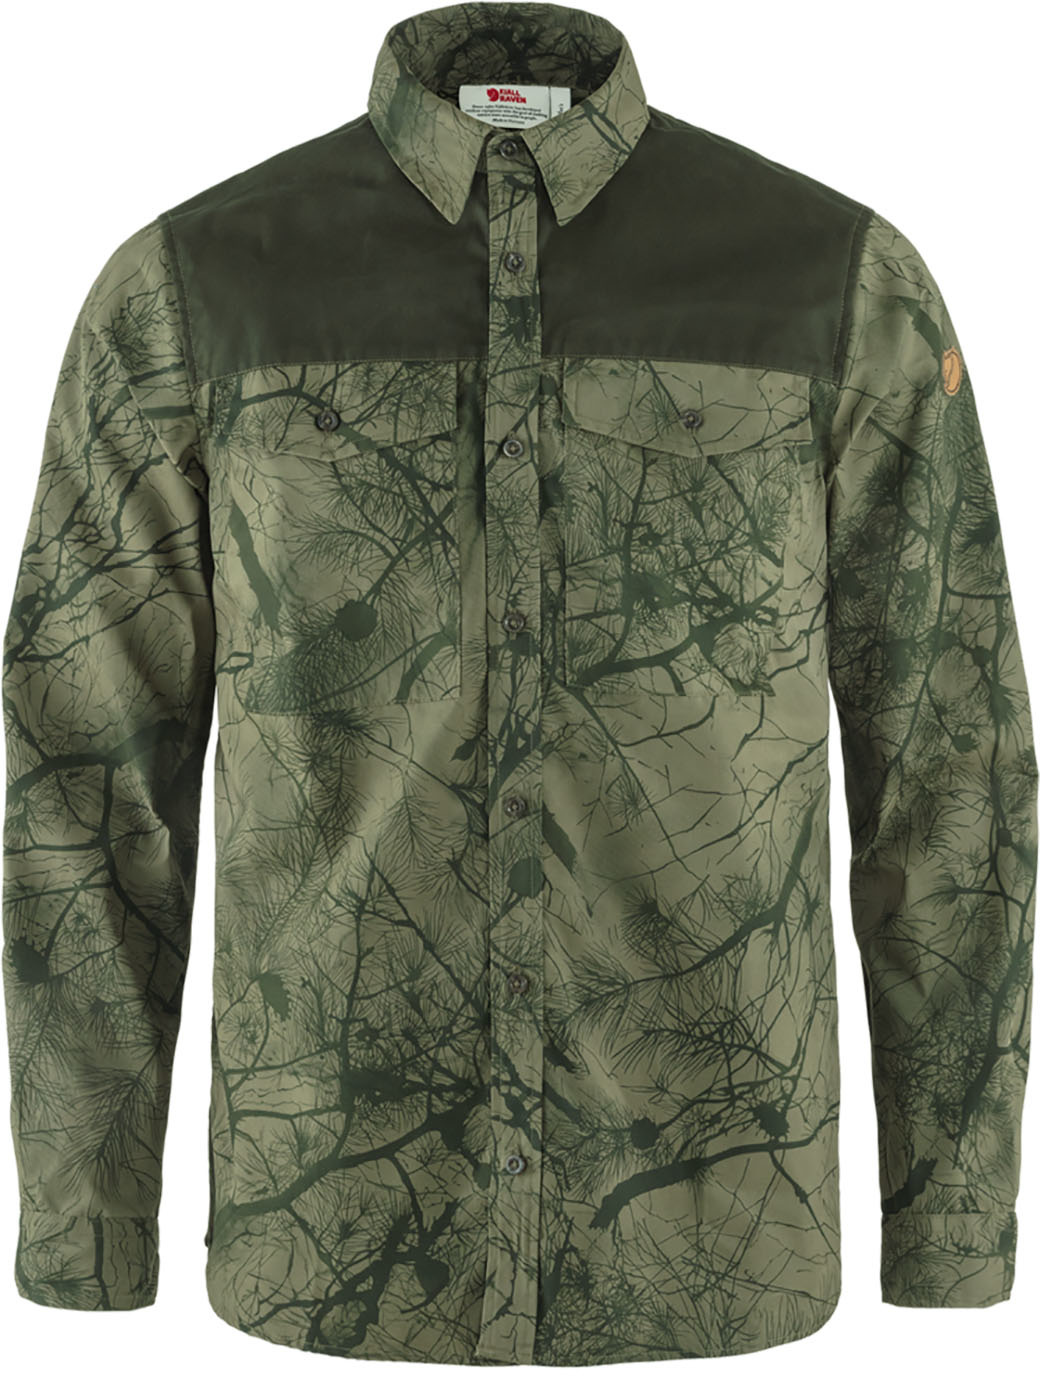 Fjällräven Värmland G-1000 Shirt M Green Camo-Deep Forest-1